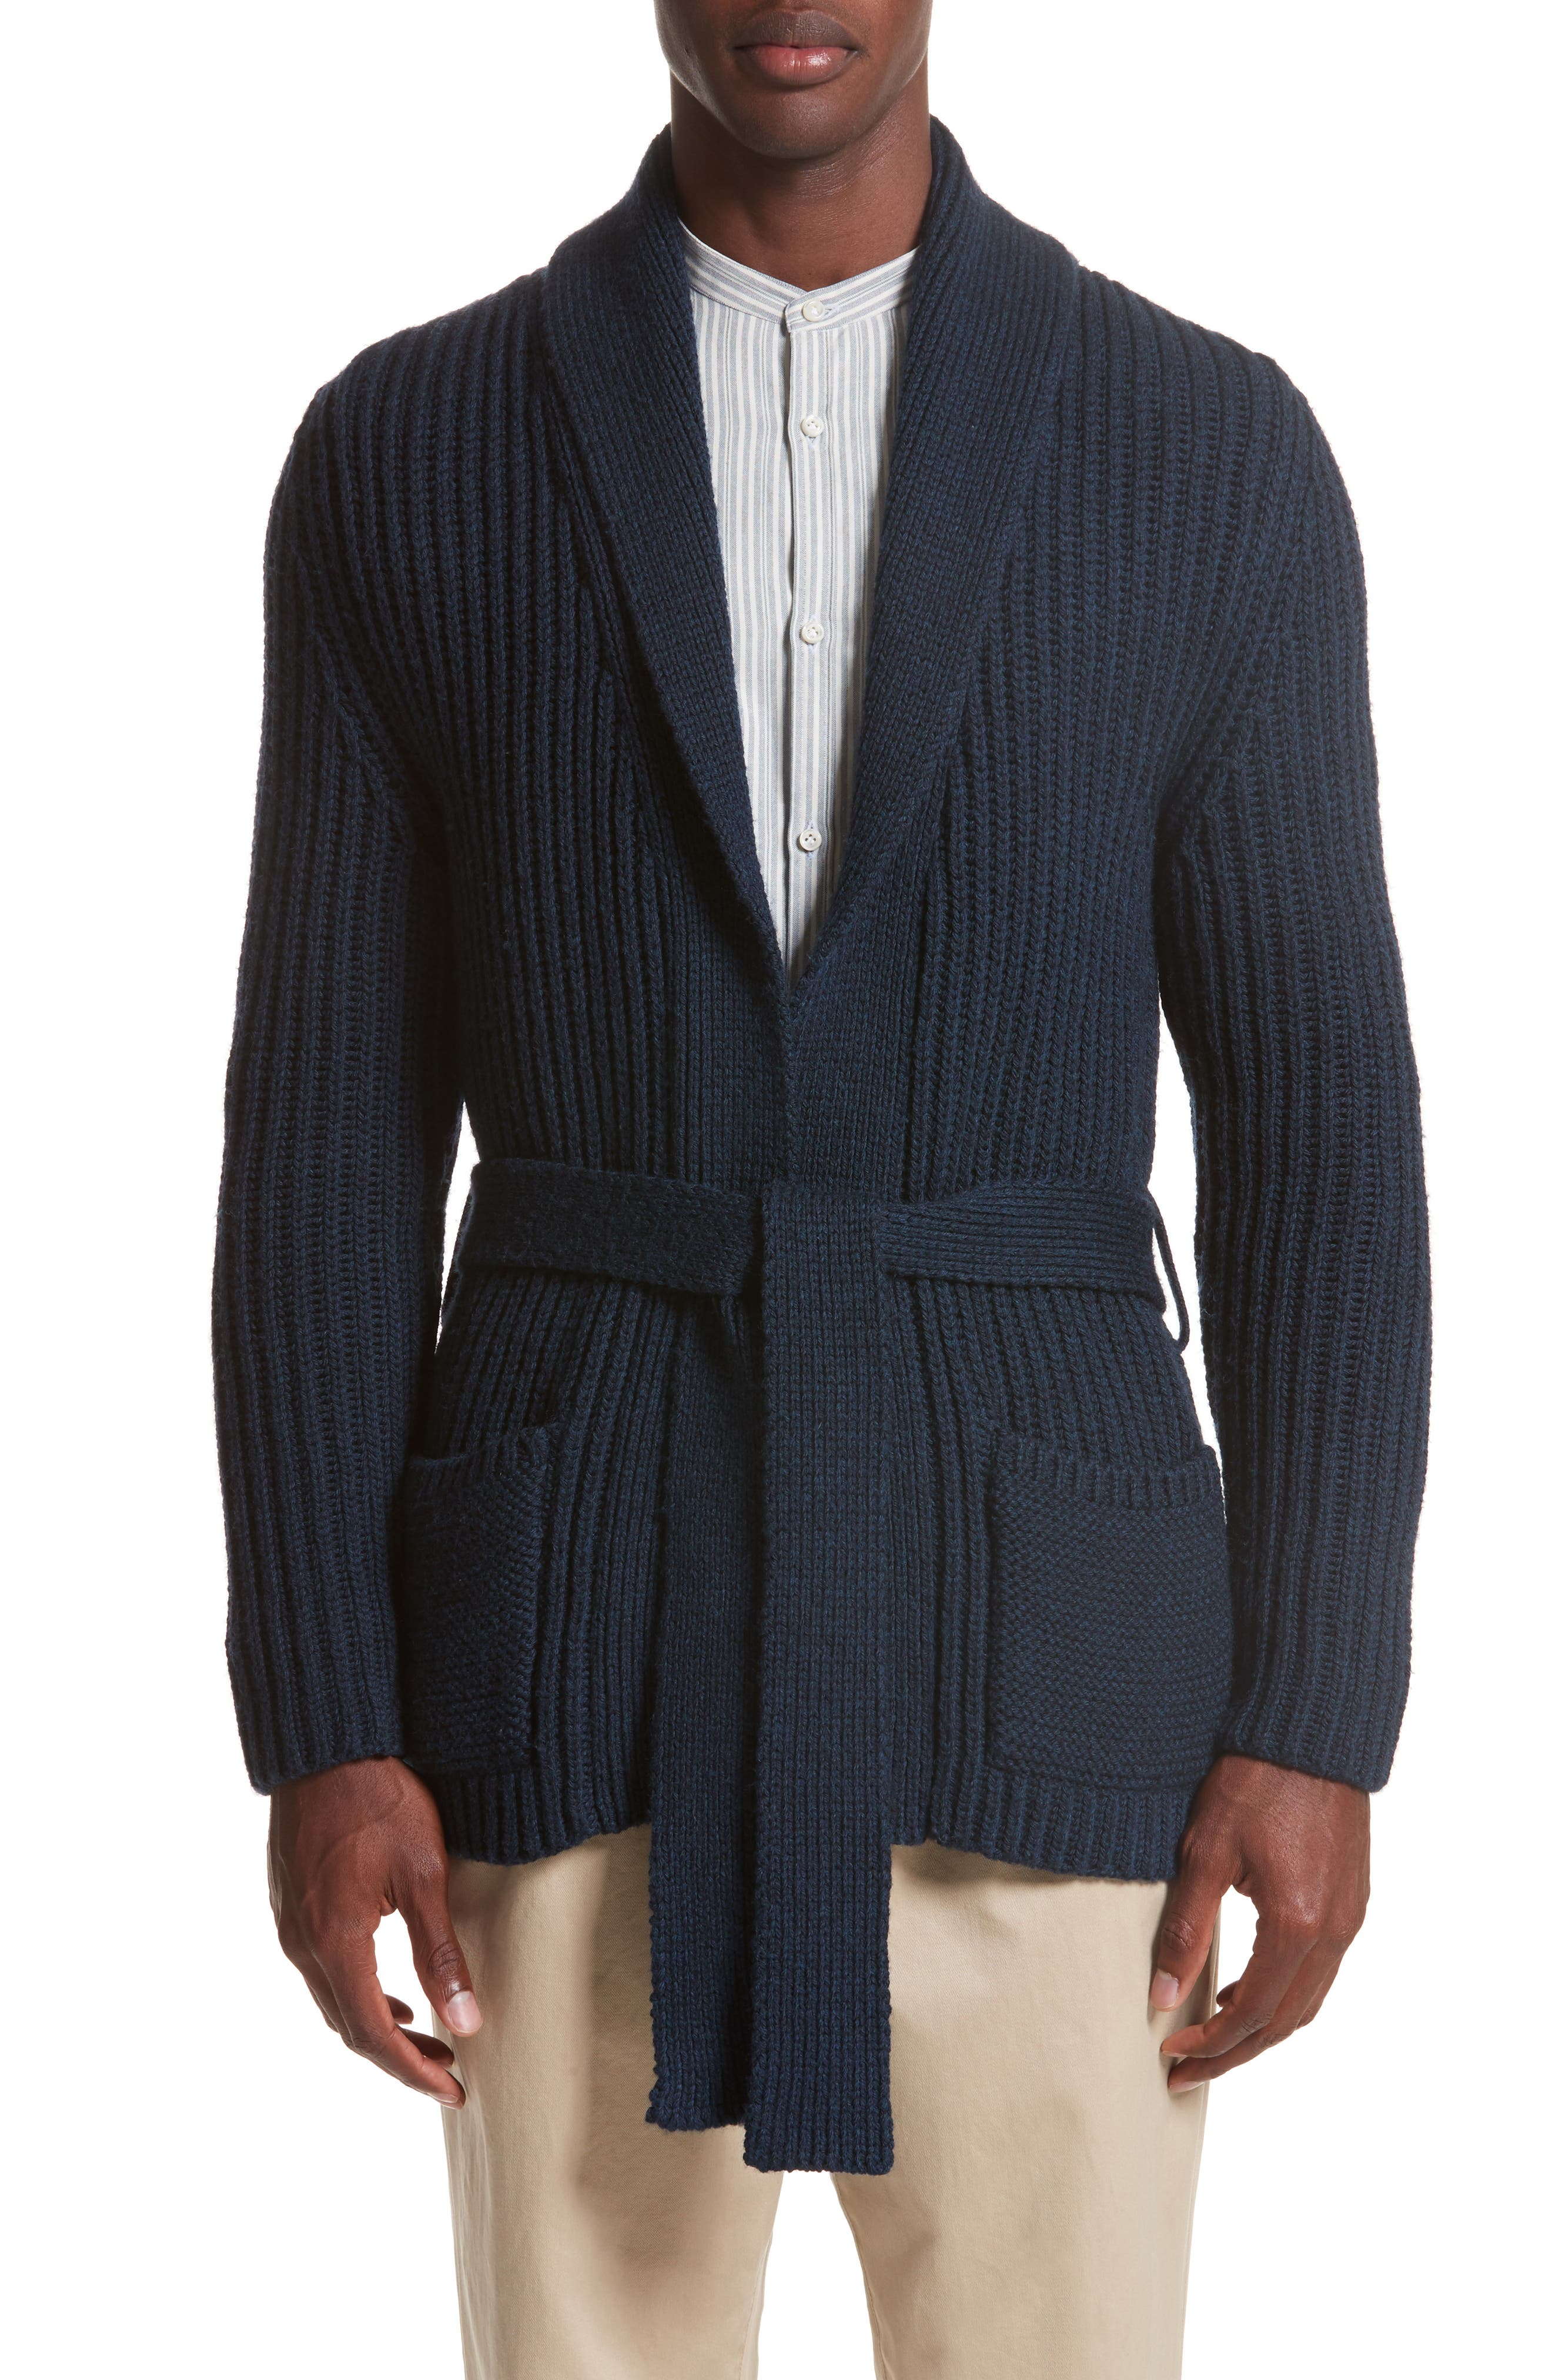 Main Image - Eidos Napoli Belted English Rib Shawl Collar Cardigan